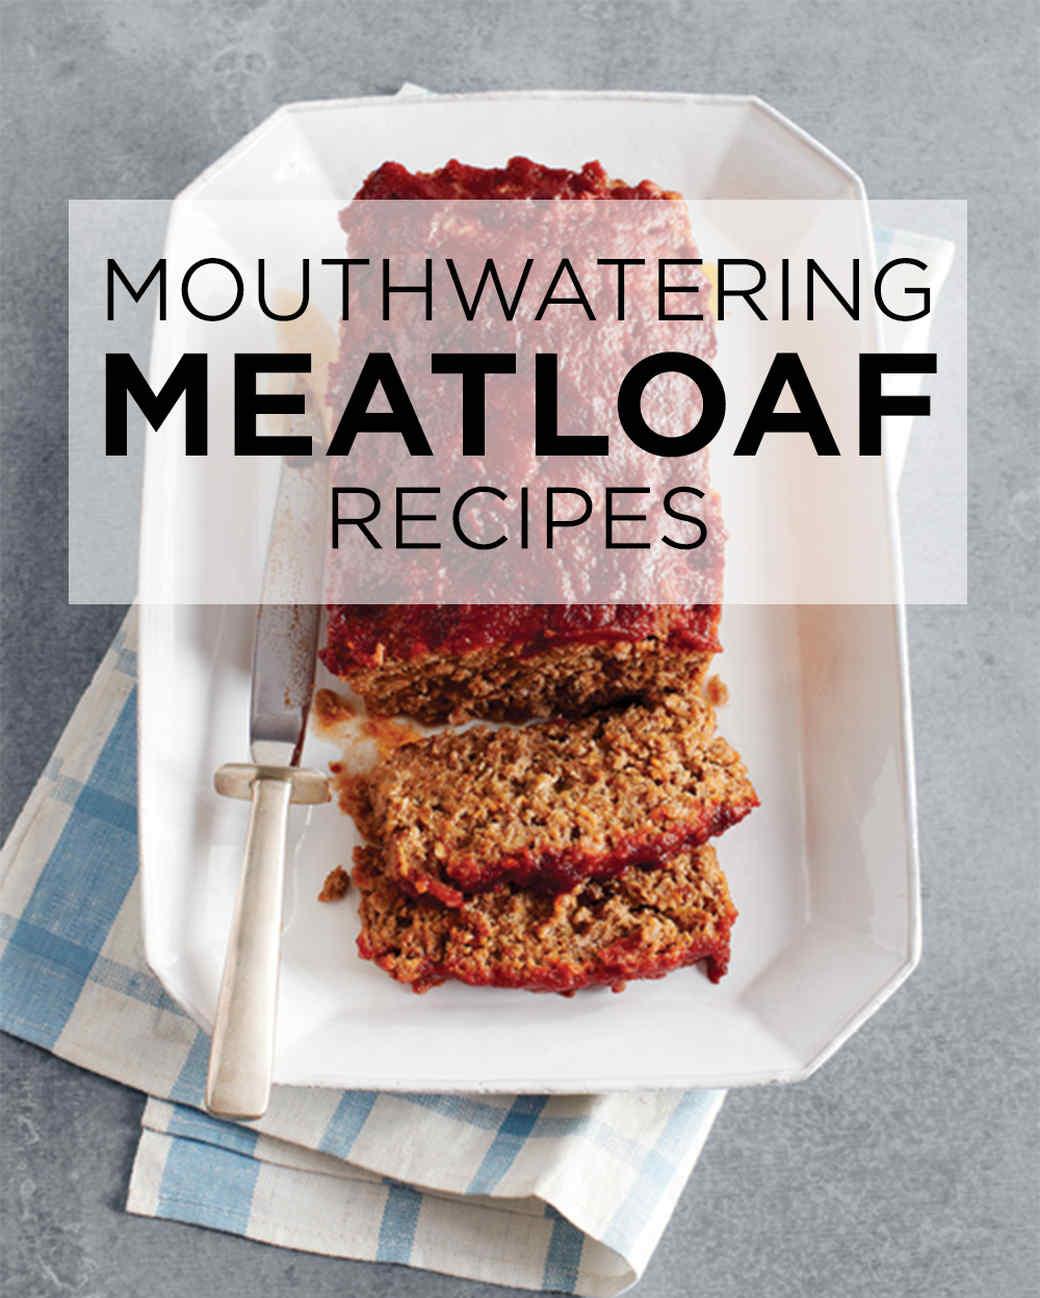 meatloaf-0715.jpg